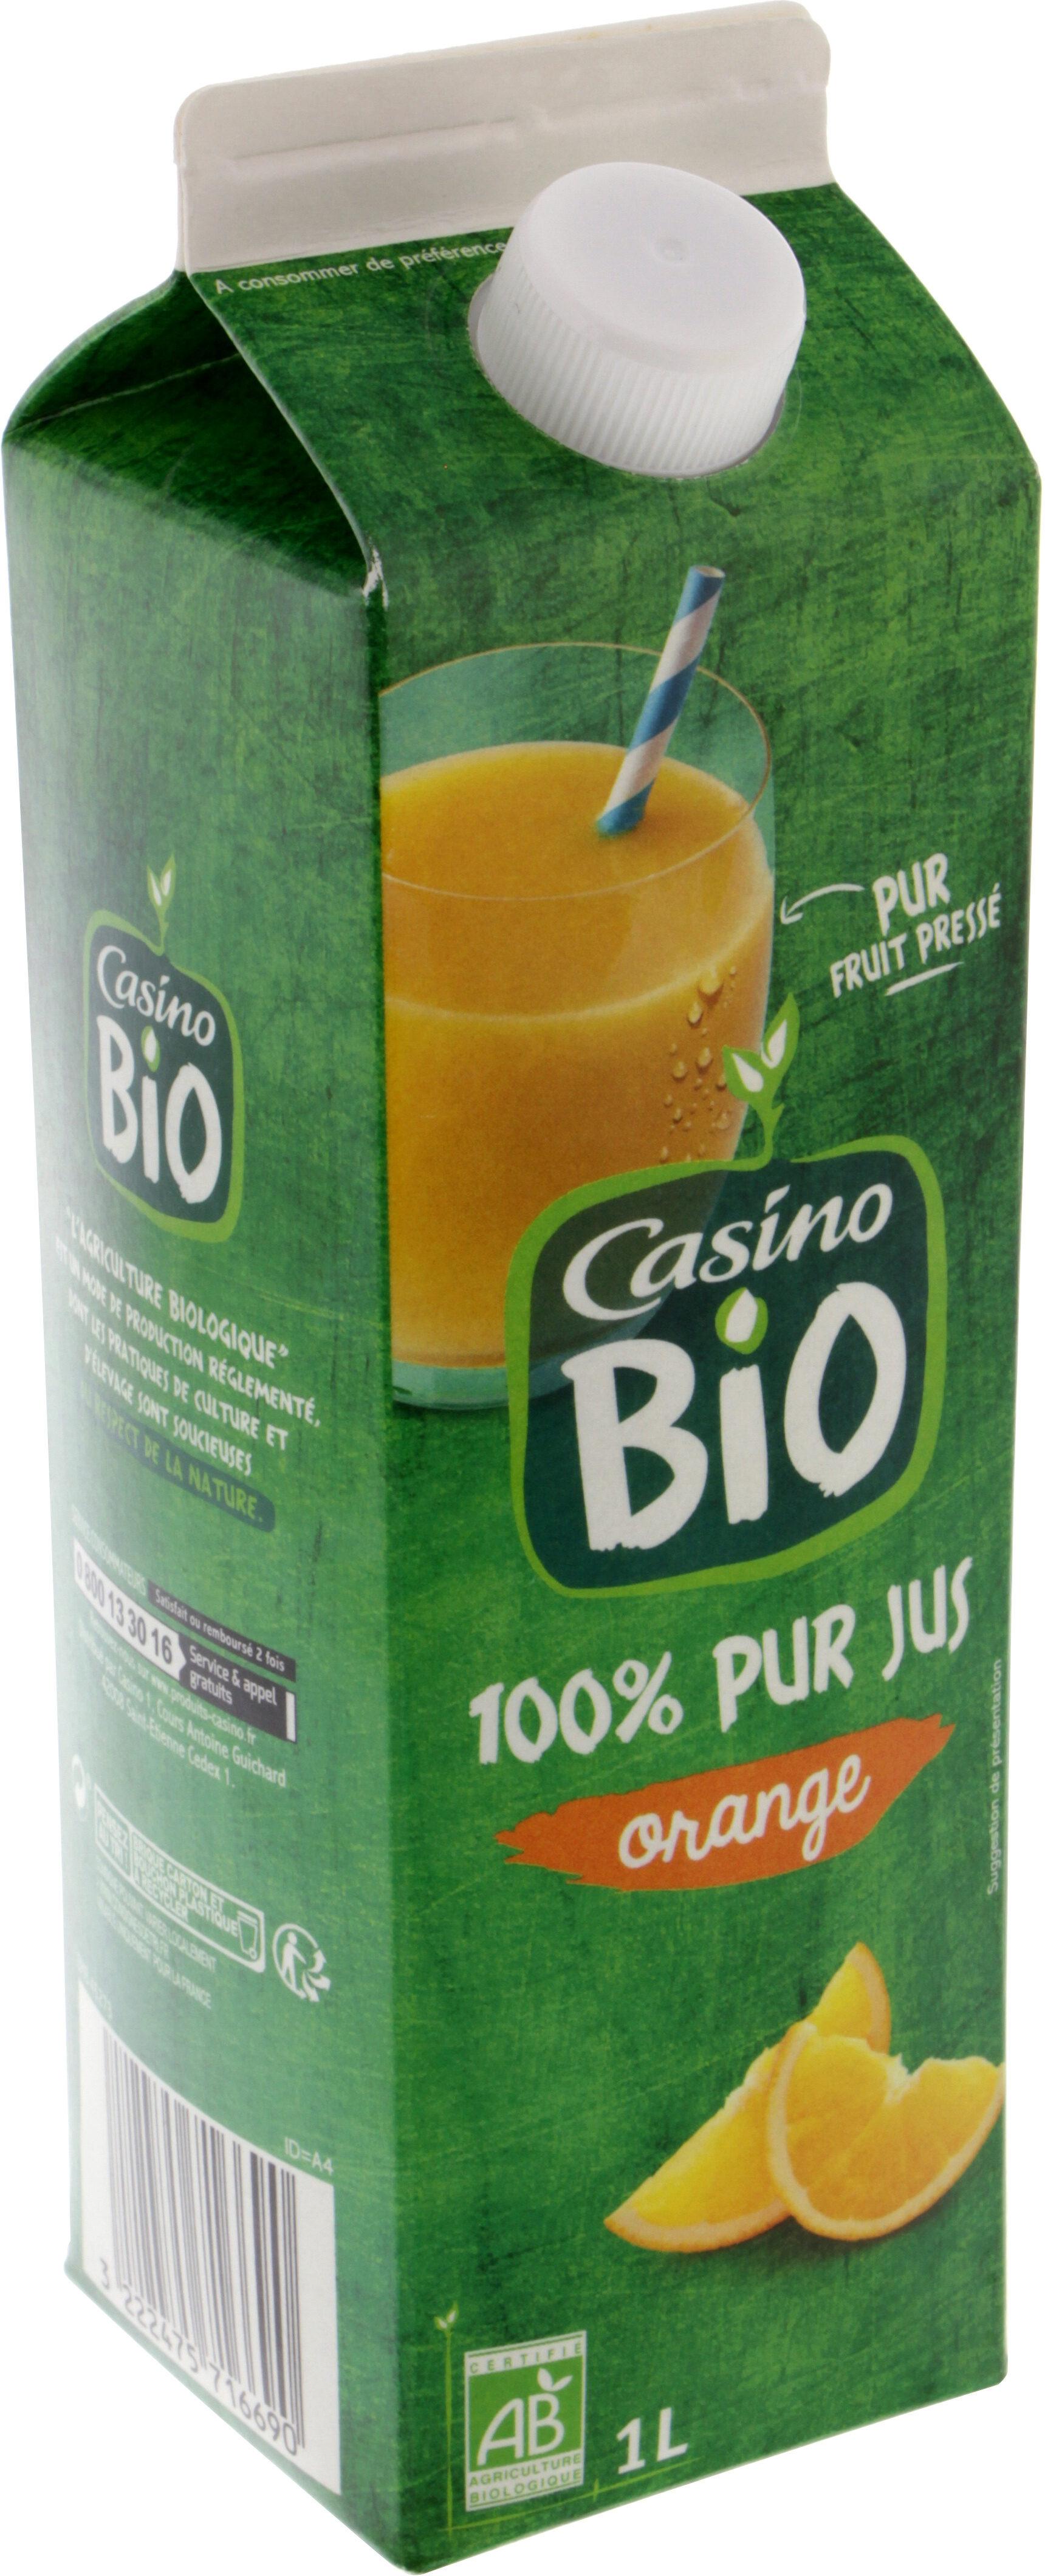 100% Pur Jus Orange BIO réfrigéré - Product